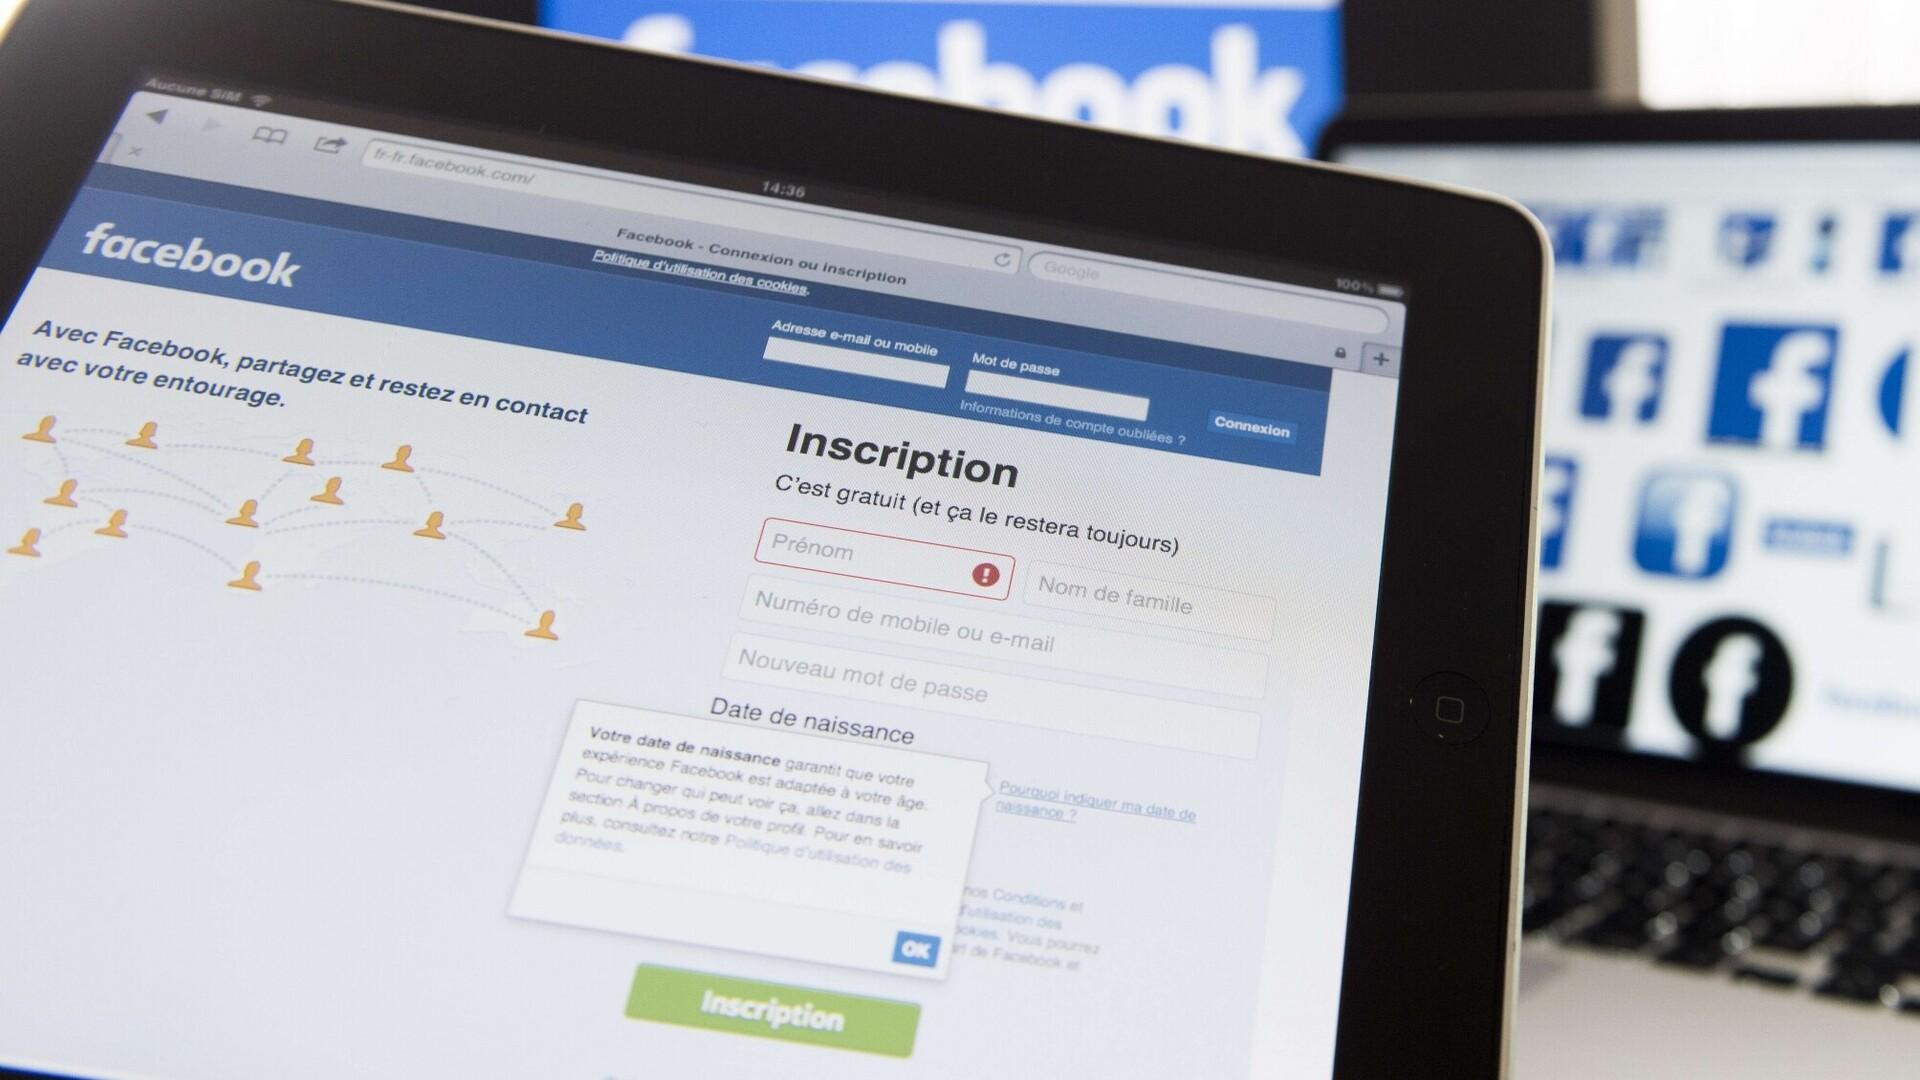 01806297aba 50 000-eurone nõue: Facebookis kritiseerimine võib kalliks maksma minna |  Eesti | ERR